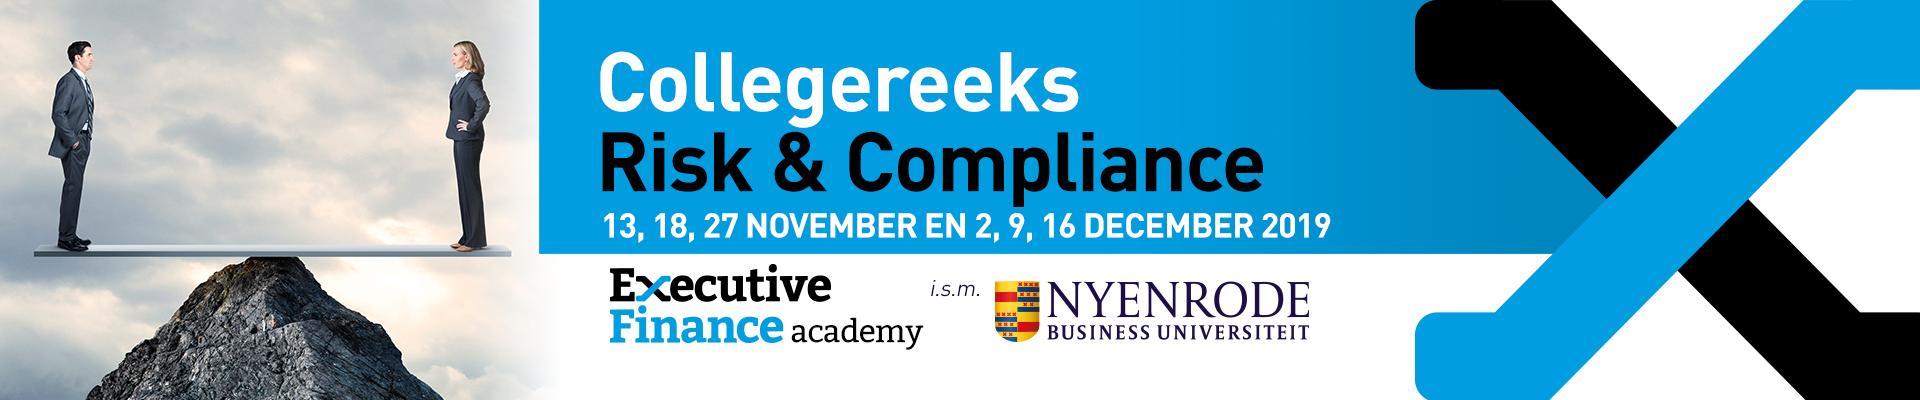 Collegereeks Risk & Compliance najaar 2019